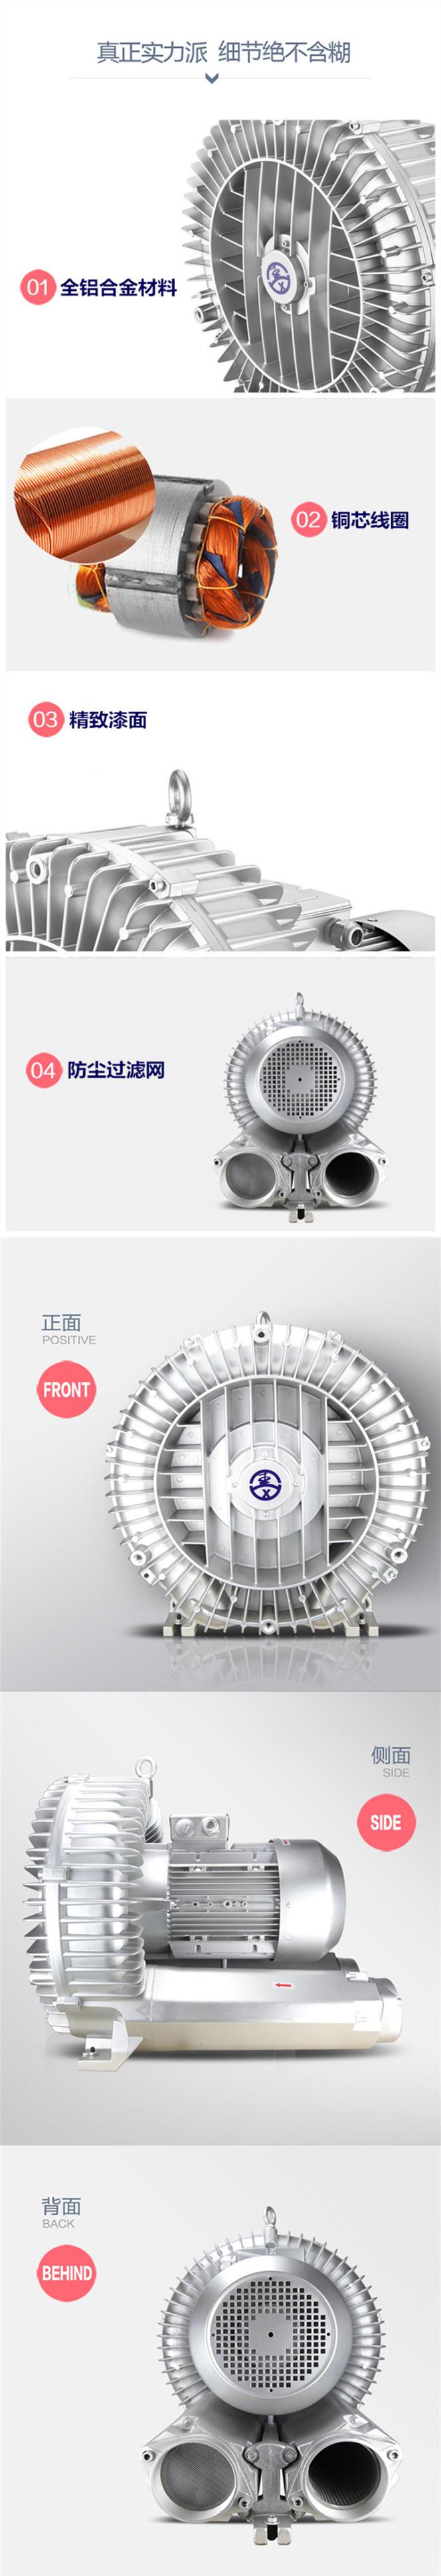 中国台湾高压鼓风机现货 溧阳高压风机 纸张运送高压鼓风机示例图4